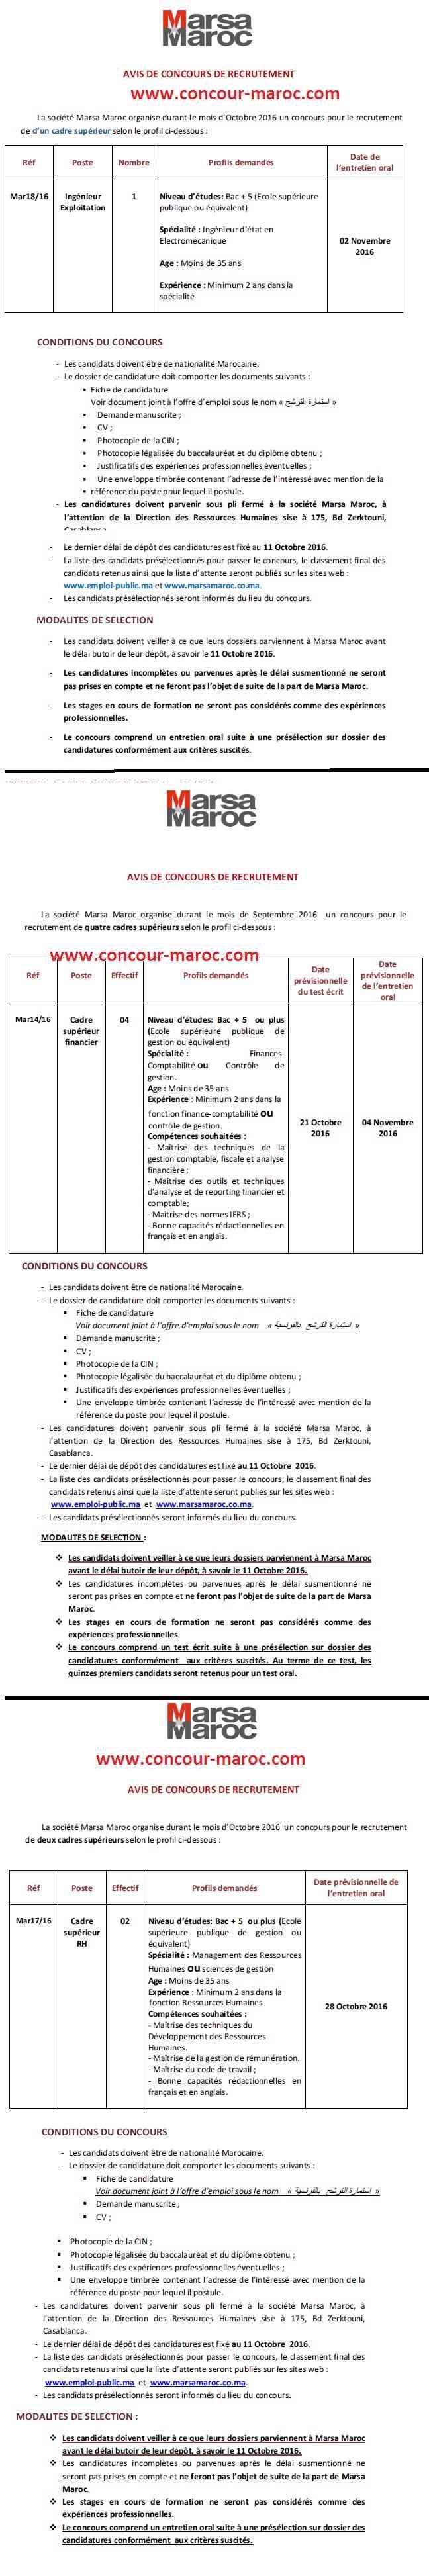 شركة استغلال الموانئ (مرسى ماروك) : مباراة لتوظيف عون بحار Matelot (3 مناصب) و تقنيين (3 مناصب) و اطر (7 مناصب) و ربان Pilote (2 منصبان) آخر أجل لإيداع الترشيحات 11 اكتوبر 2016 Concou22